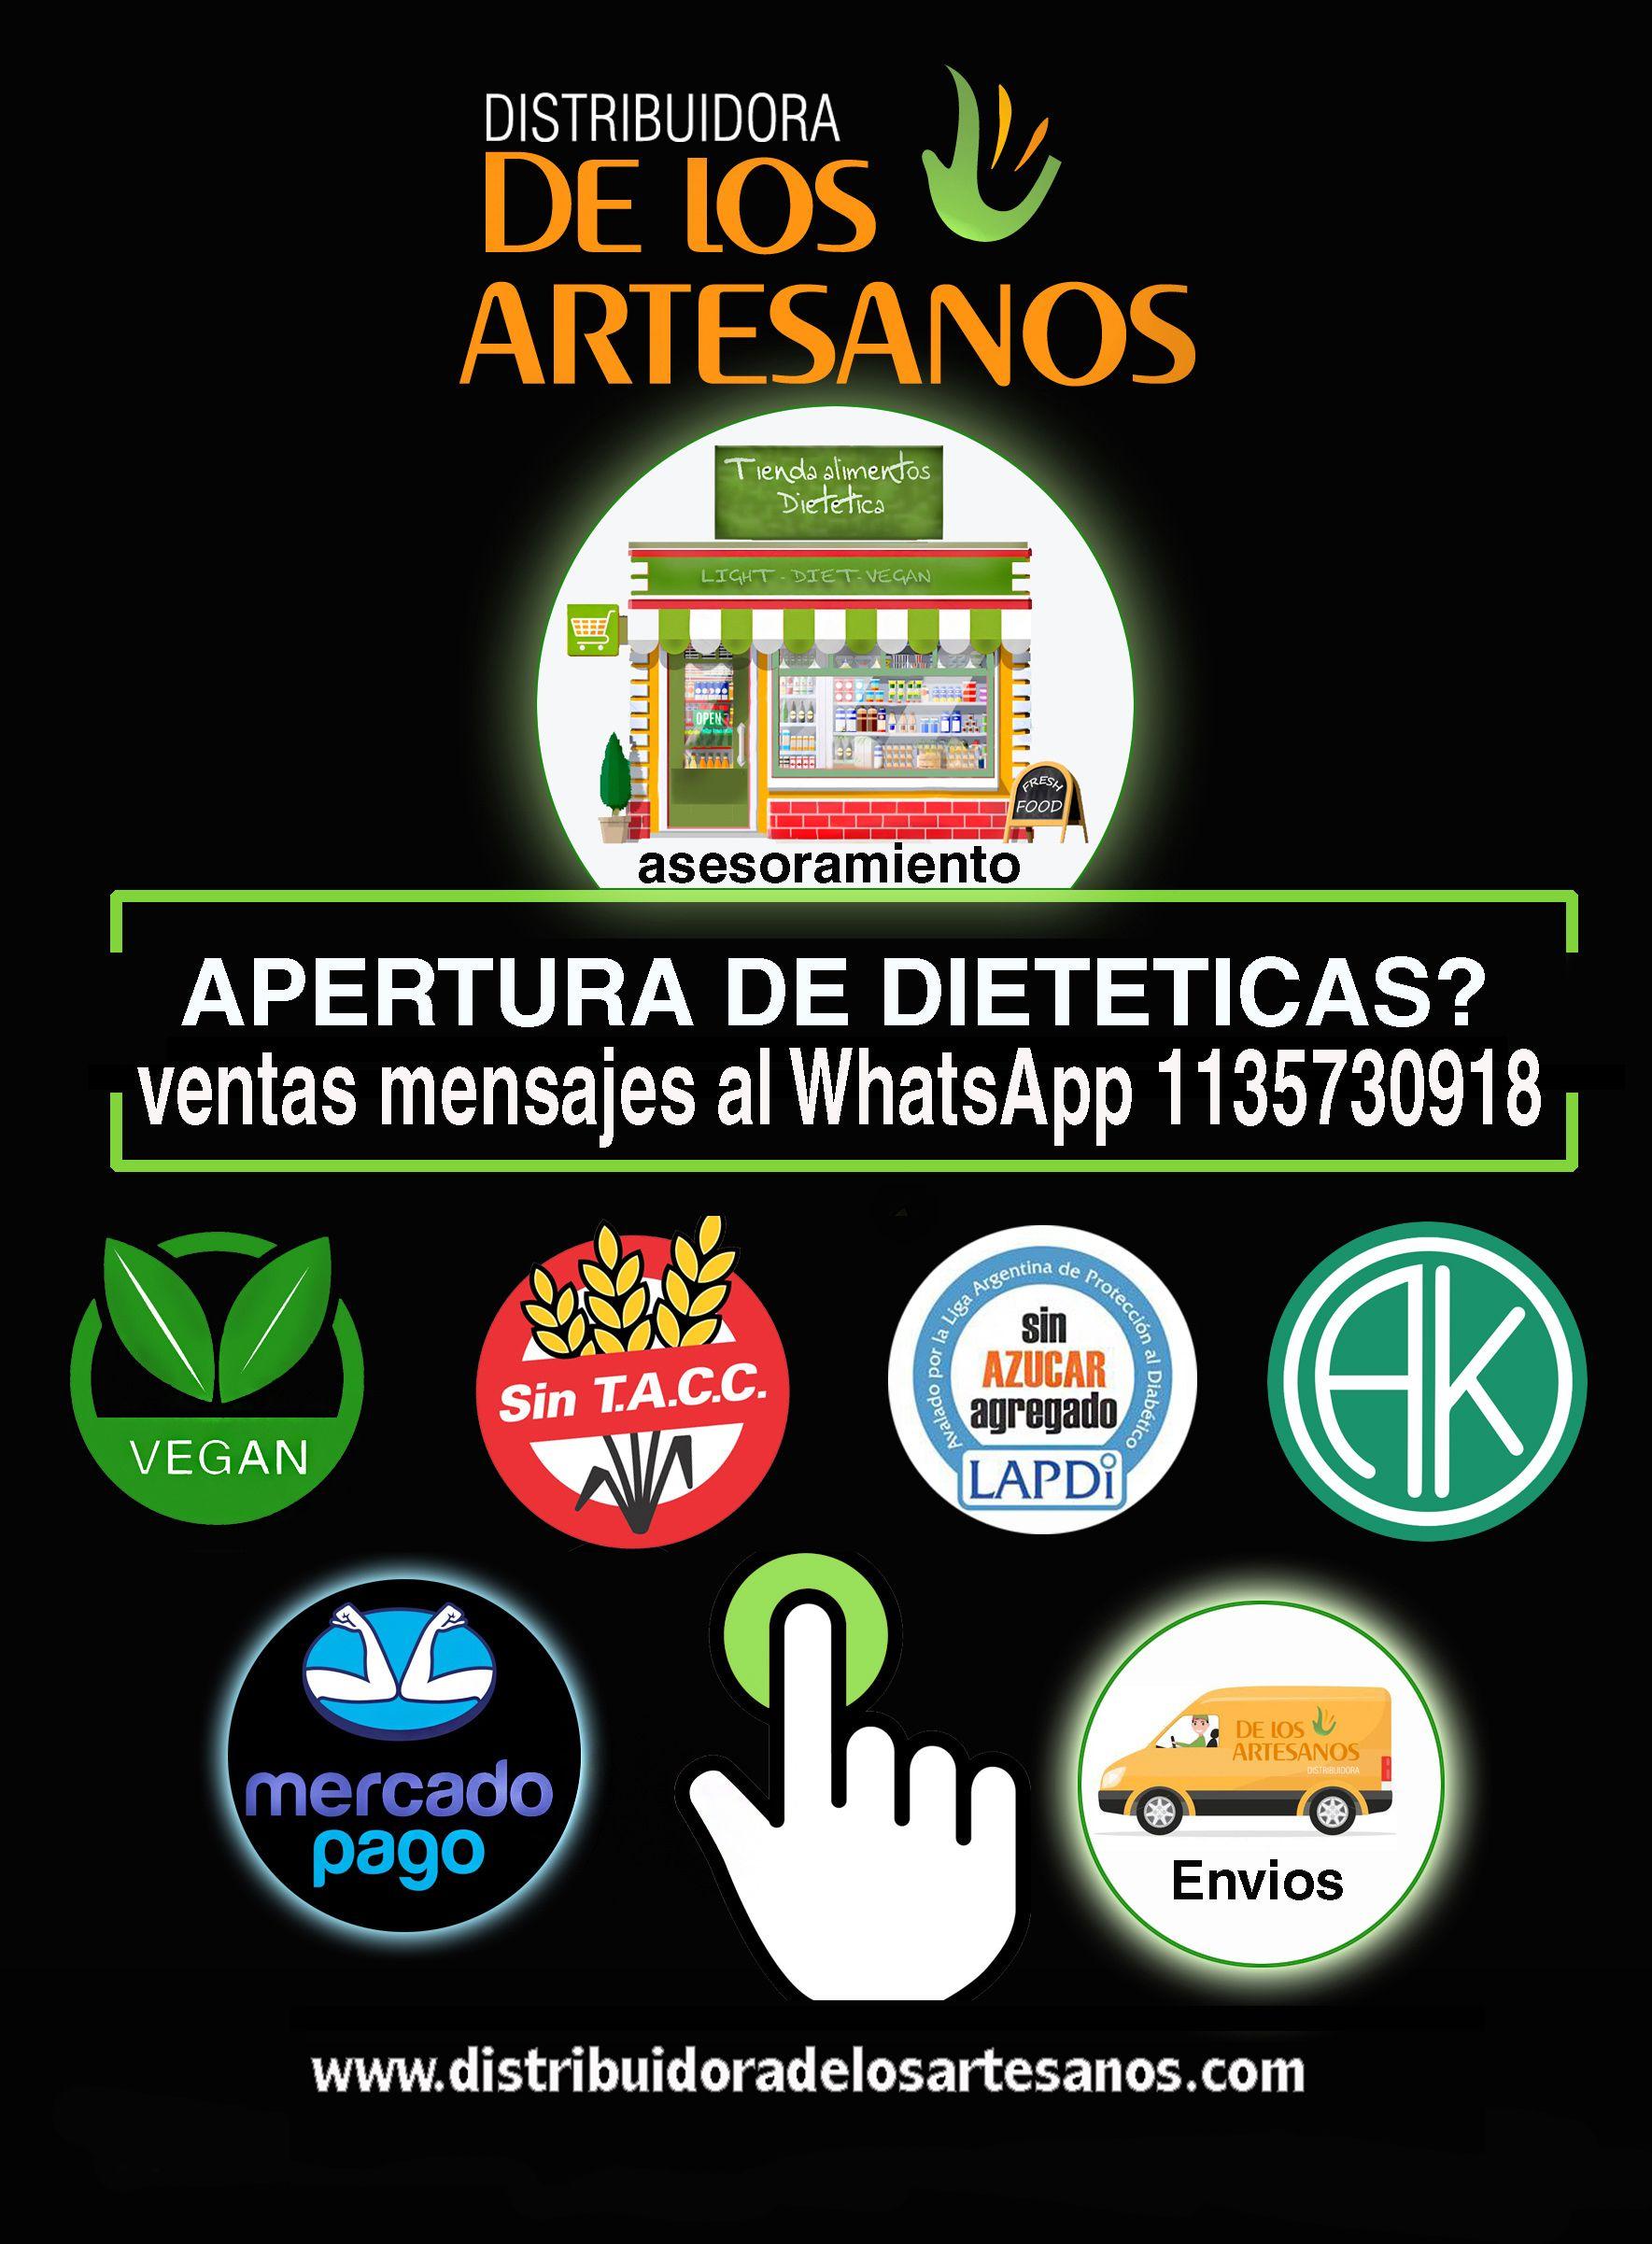 Distribuidora De Los Artesanos Apertura De Dietetica Todo Al Por Mayor Envios A Todo El País En 2020 Mayorista Y Minorista Artesanos Distribuidor